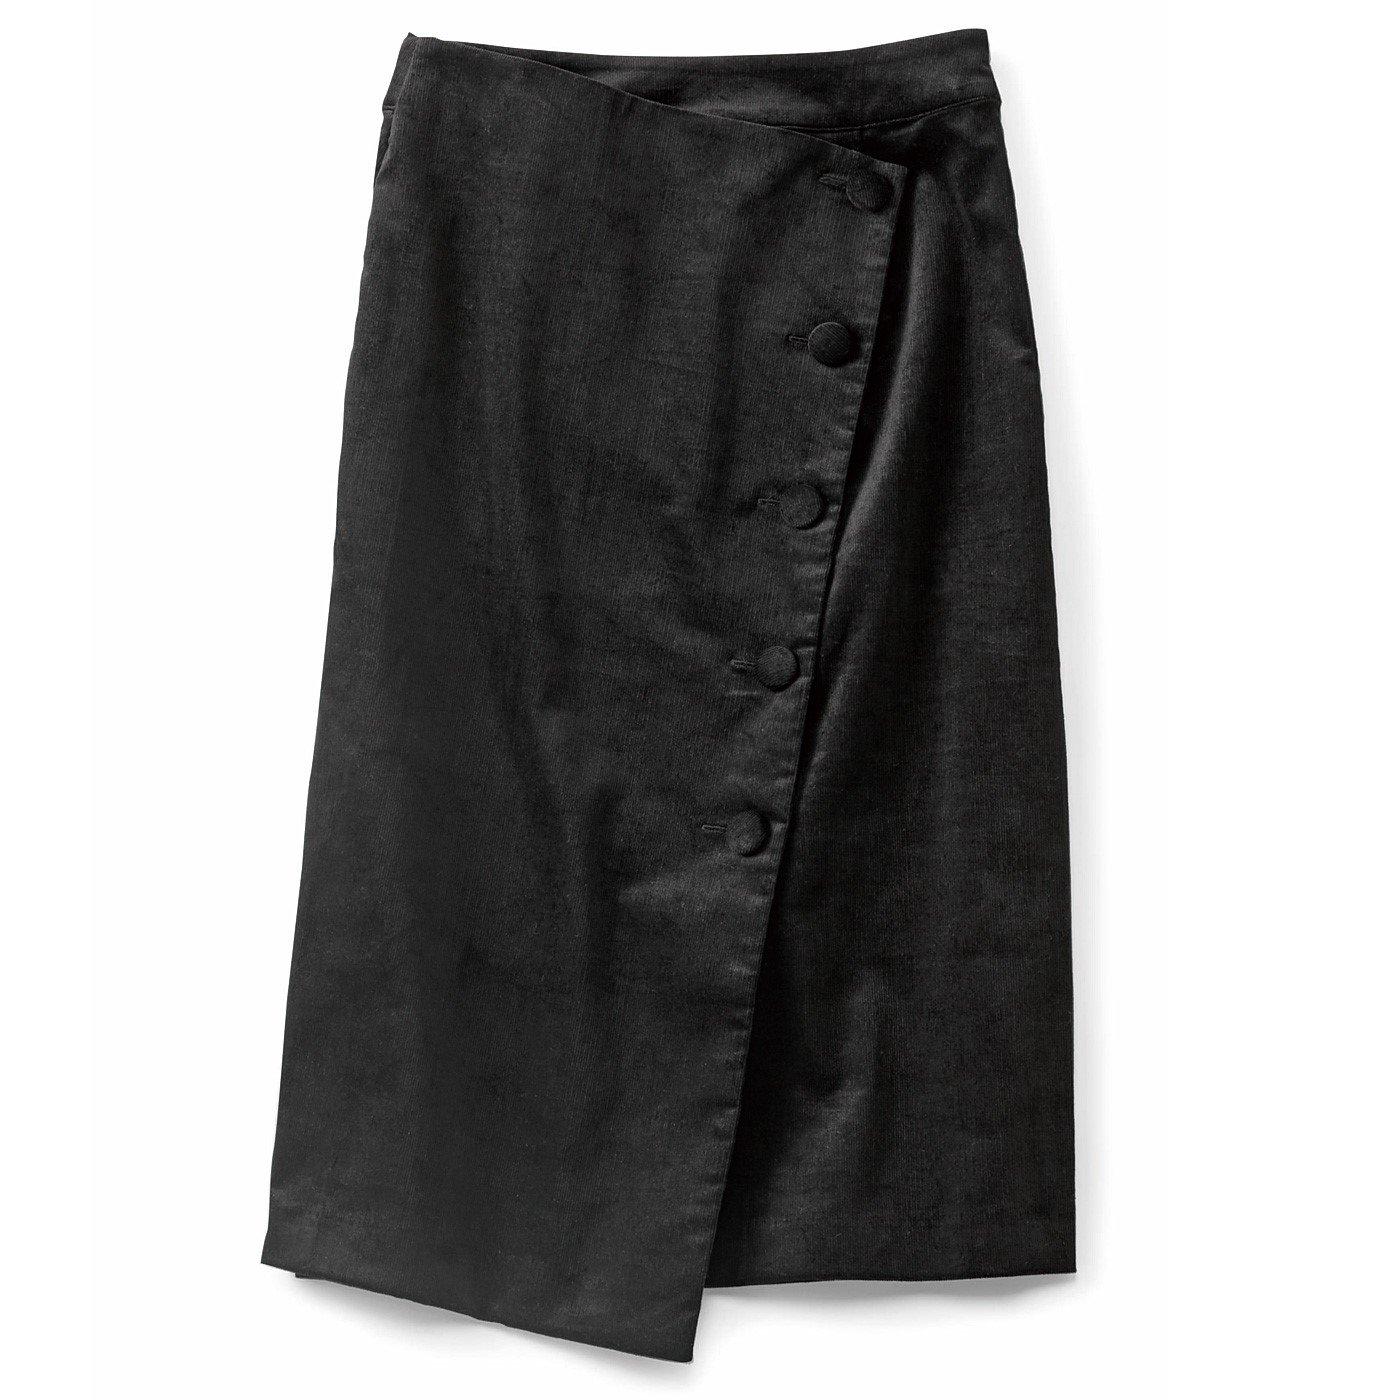 IEDIT[イディット] ラップ風コーデュロイⅠラインスカート〈ブラック〉